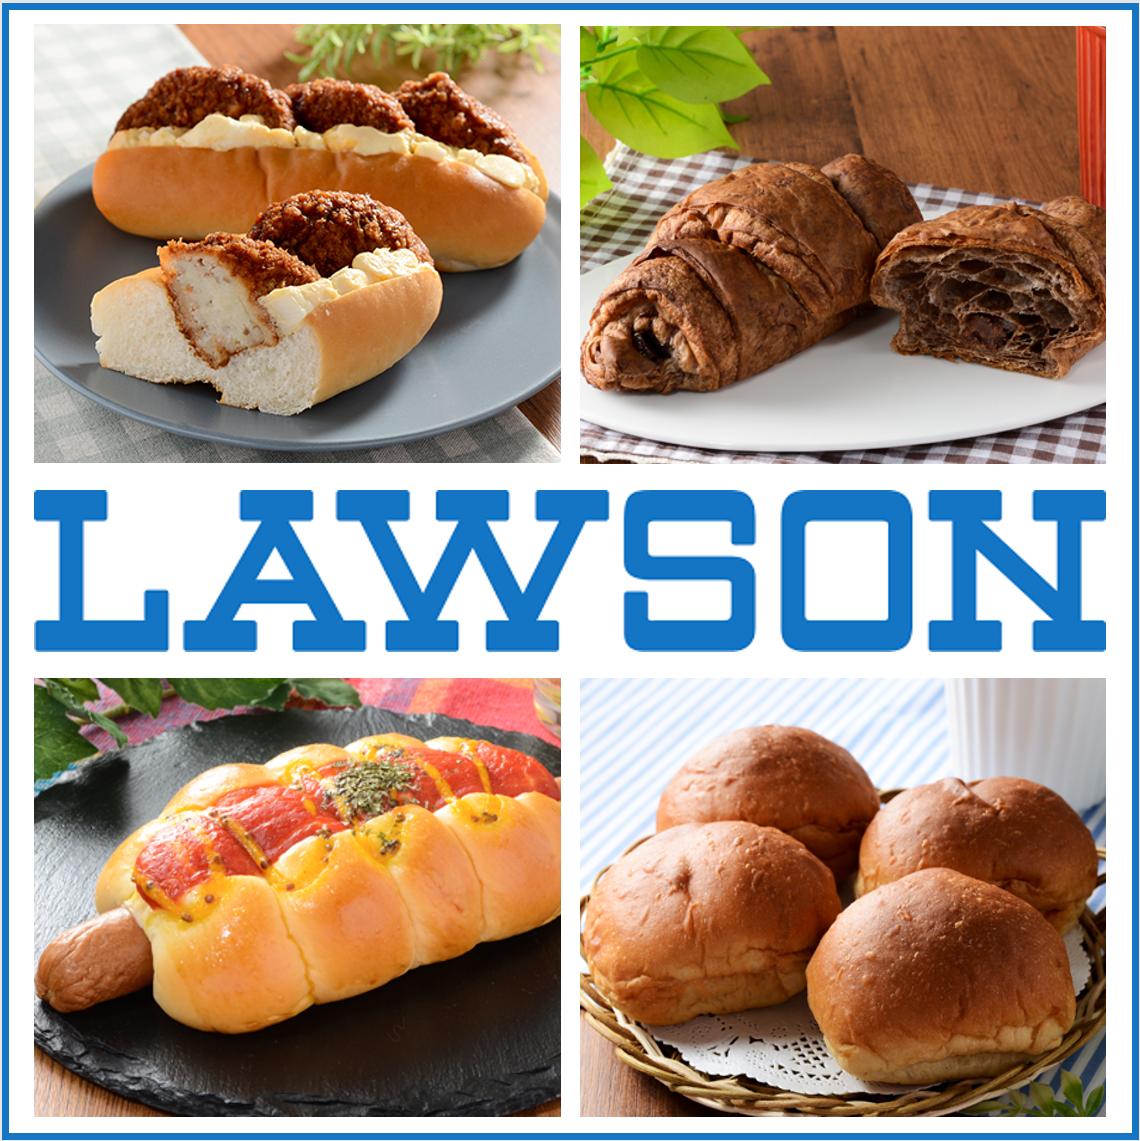 【10月26日更新】ローソンの人気パンおすすめまとめ!新商品から定番パンまで紹介